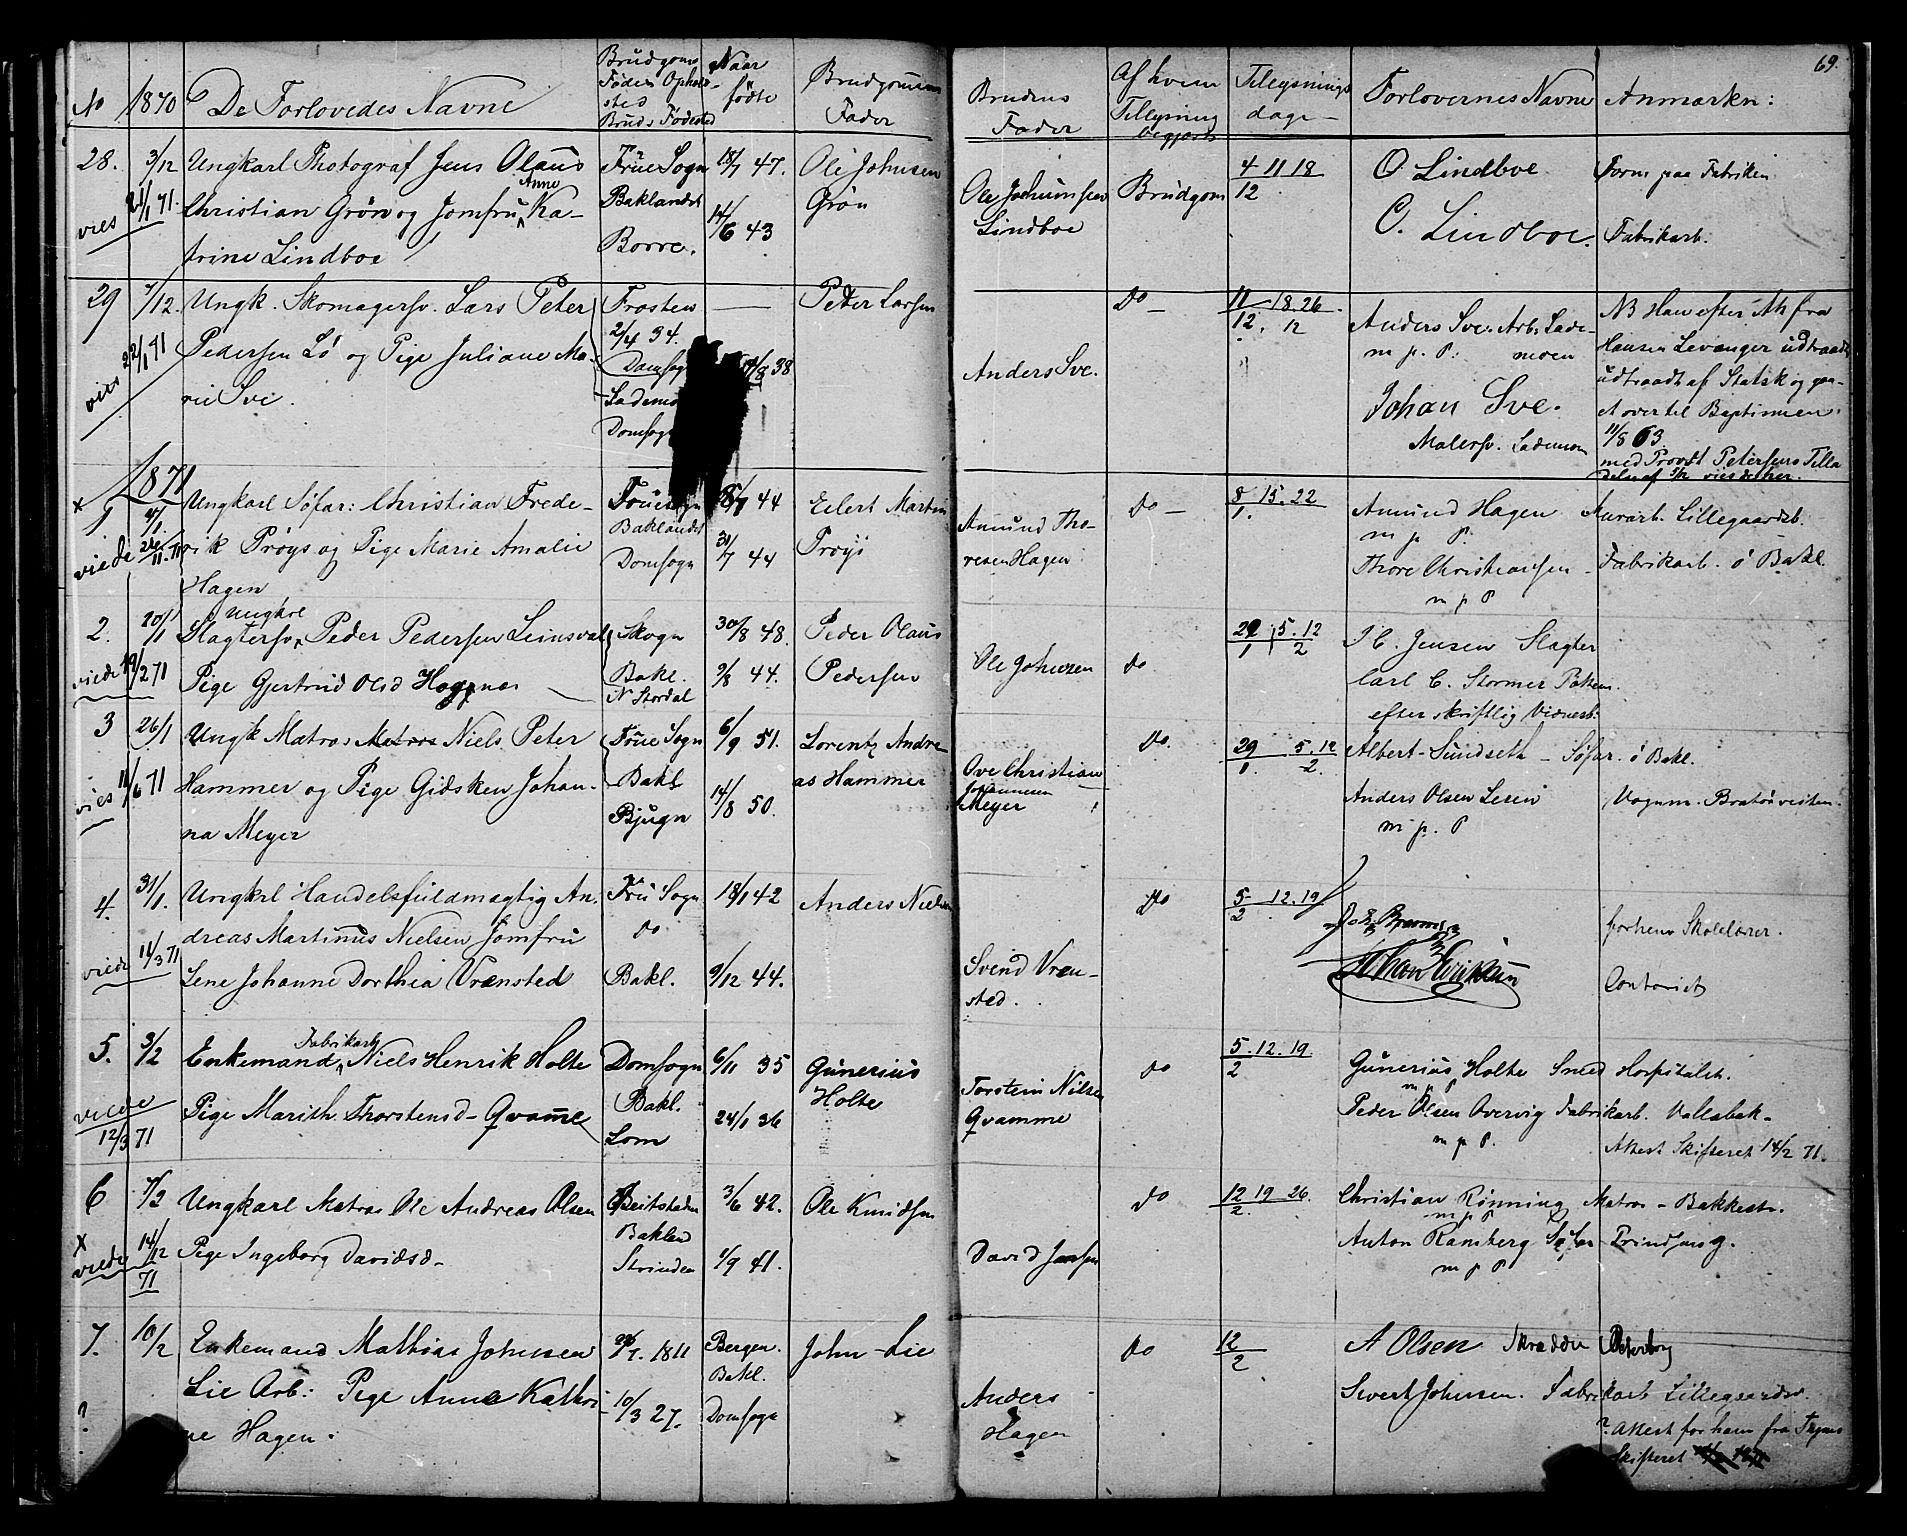 SAT, Ministerialprotokoller, klokkerbøker og fødselsregistre - Sør-Trøndelag, 604/L0187: Ministerialbok nr. 604A08, 1847-1878, s. 69